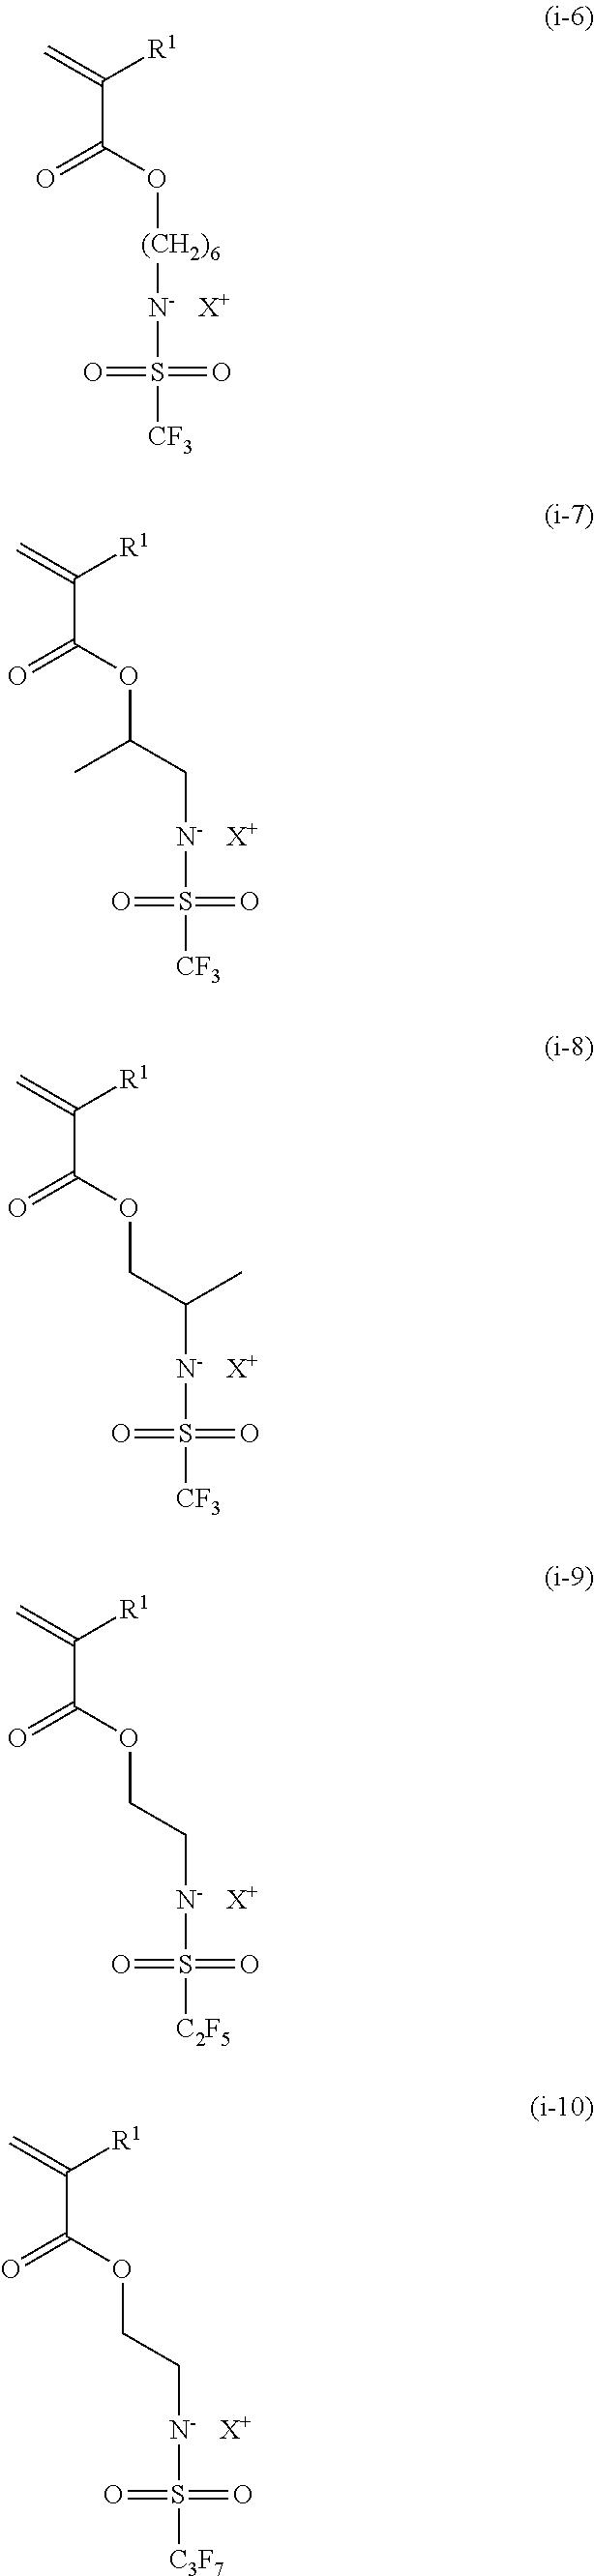 Figure US08507575-20130813-C00016